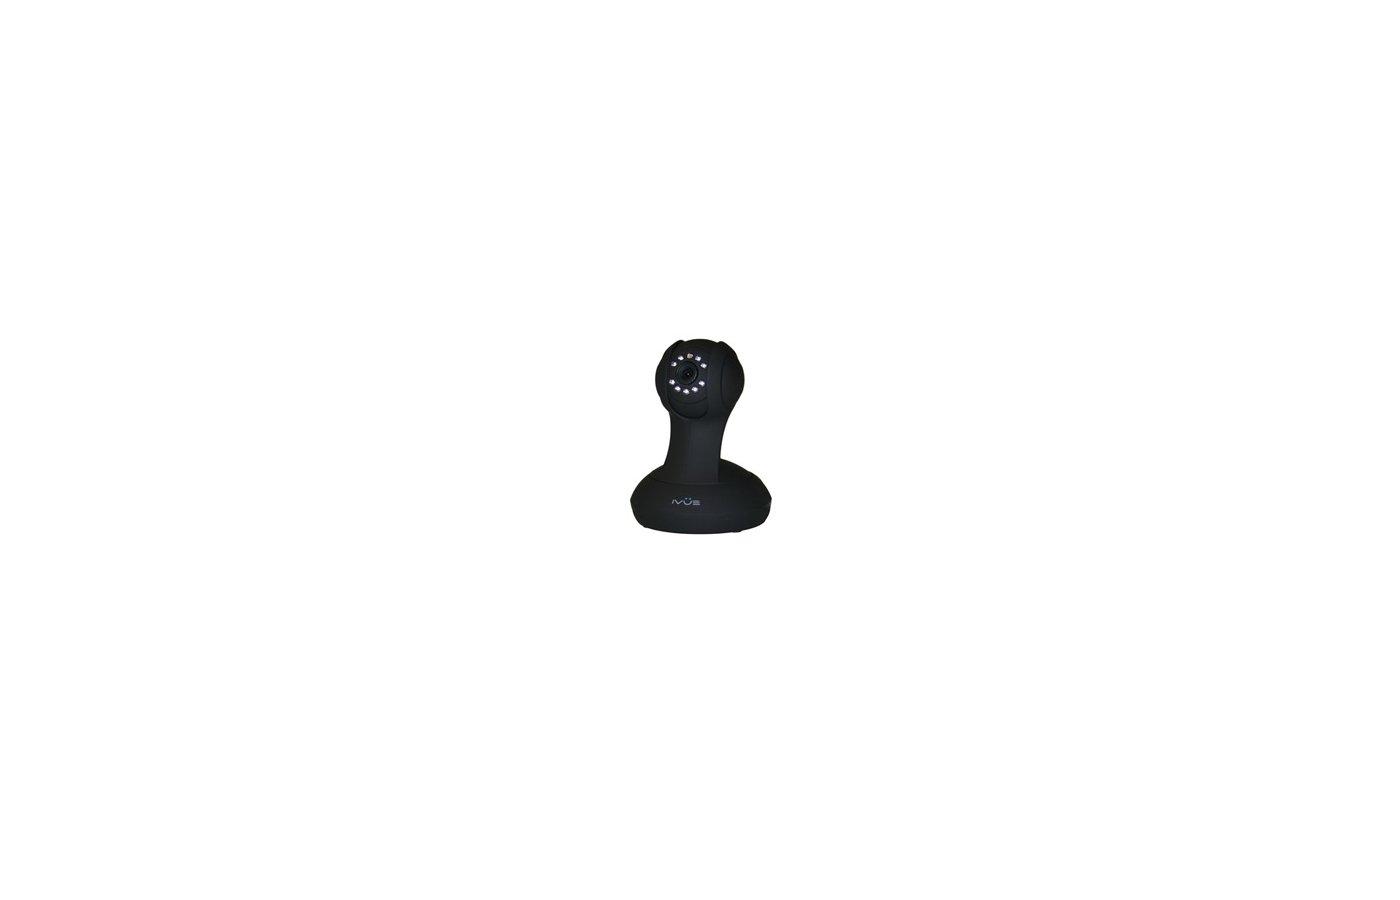 IP Видеокамеры IVUE IV2305W_B видеокамера IP MJPEG, Беспроводная WiFi Аудио, Чёрная